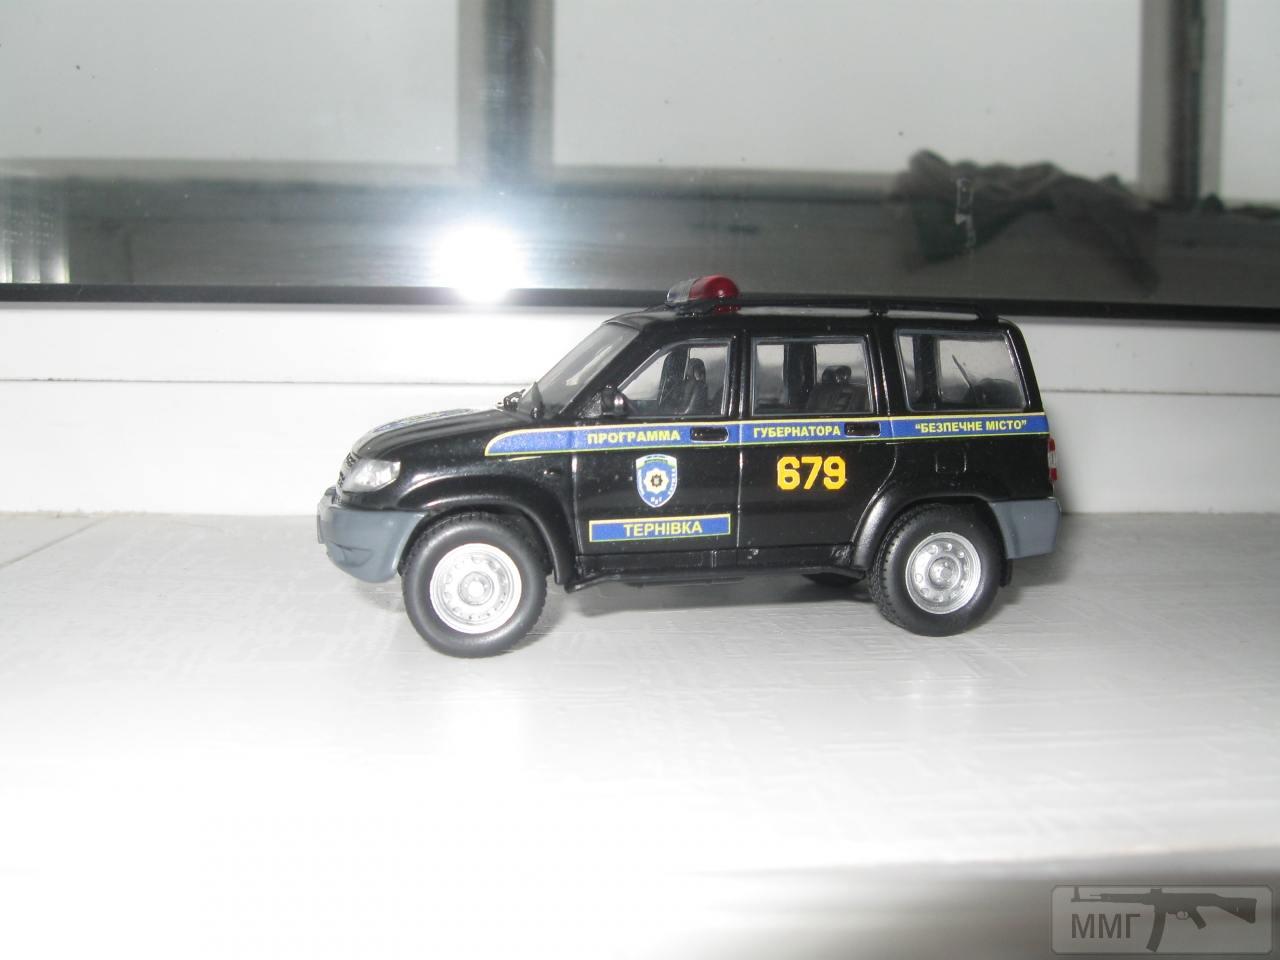 33882 - Модели легковых автомобилей